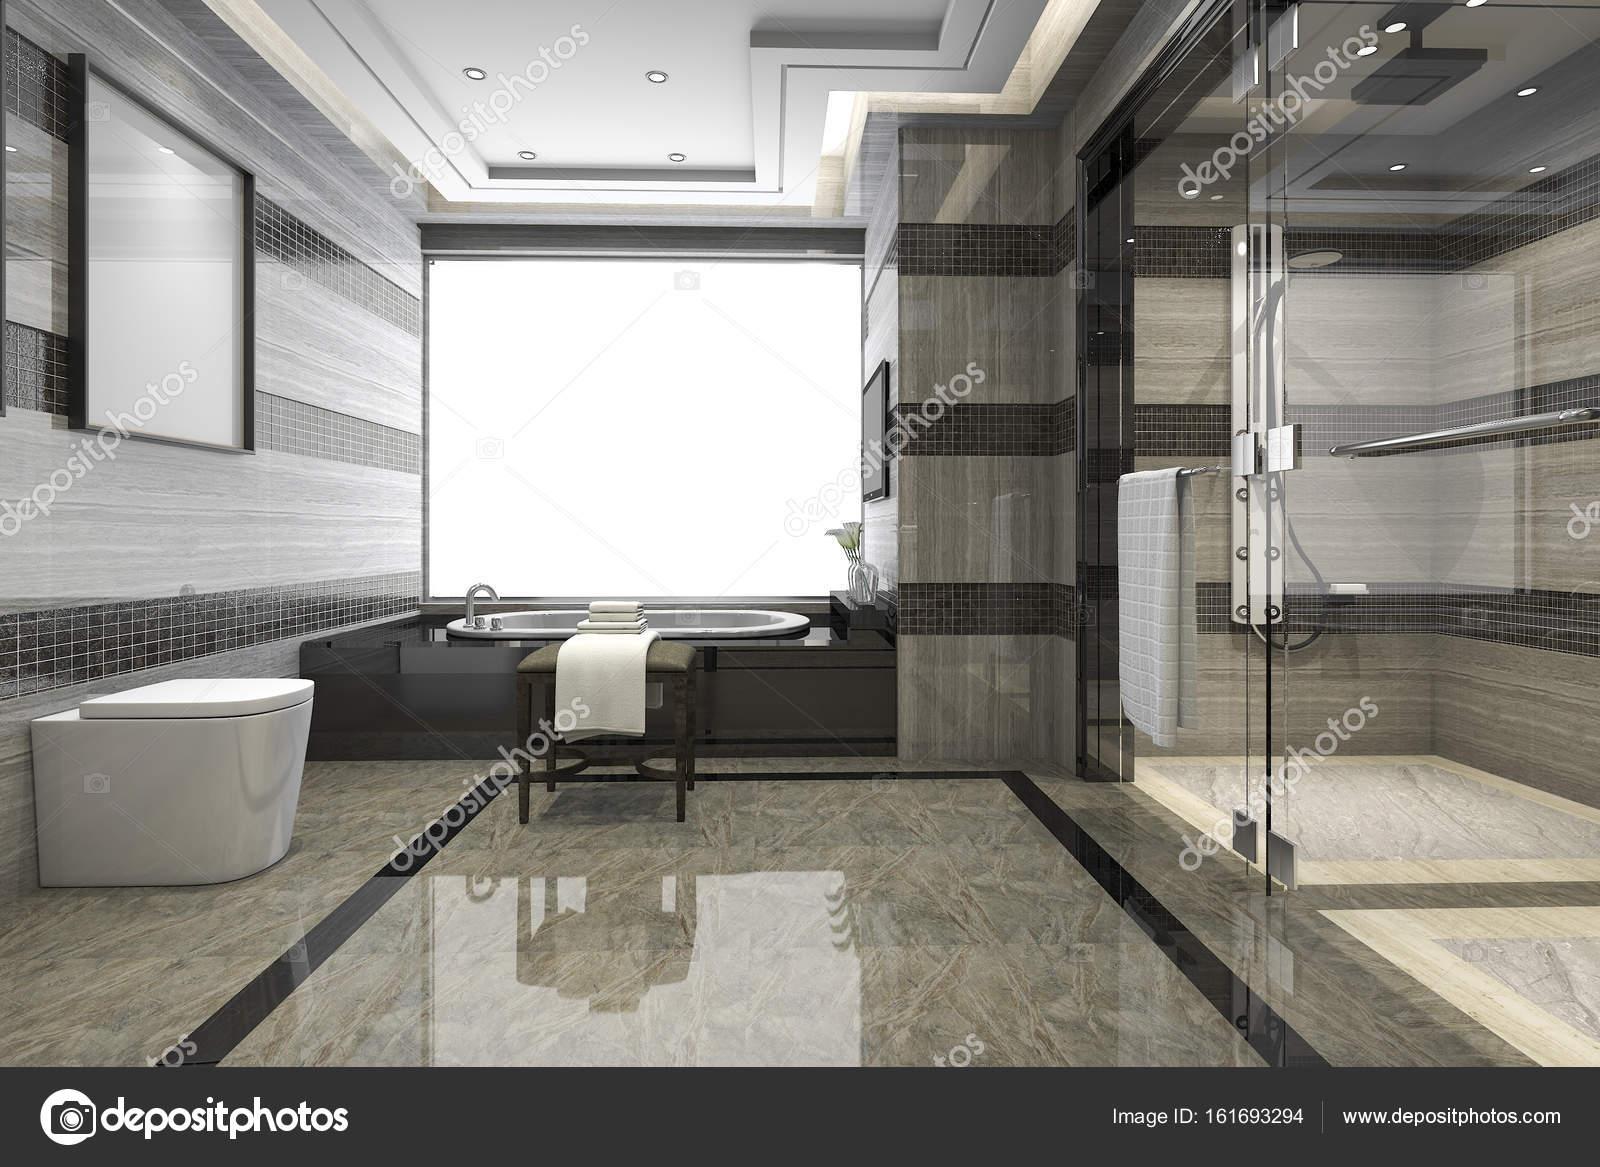 Piastrelle bagno moderno idee bagno piastrelle foto euroterme bagno di romagna piastrelle bagno - Piastrelle per il bagno moderne ...